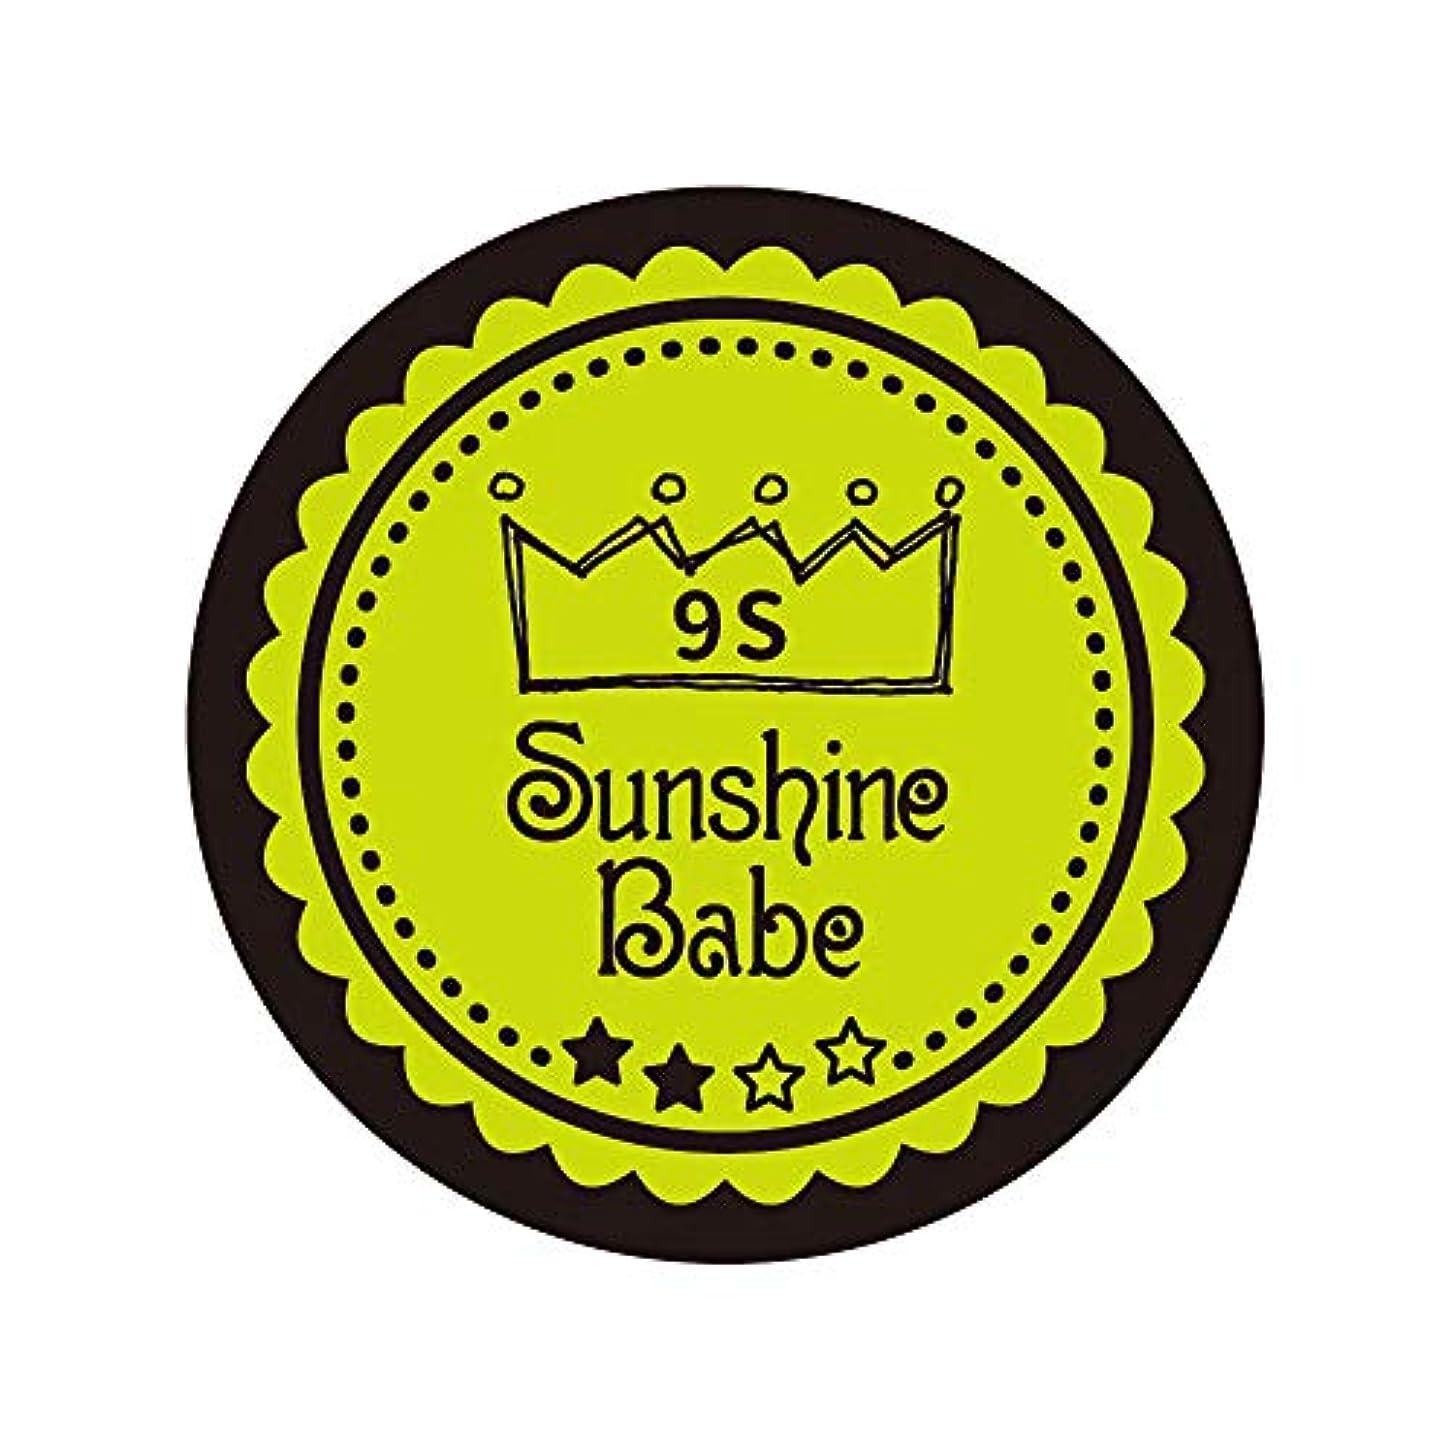 リッチ衣類下に向けますSunshine Babe カラージェル 9S ライムパンチ 2.7g UV/LED対応